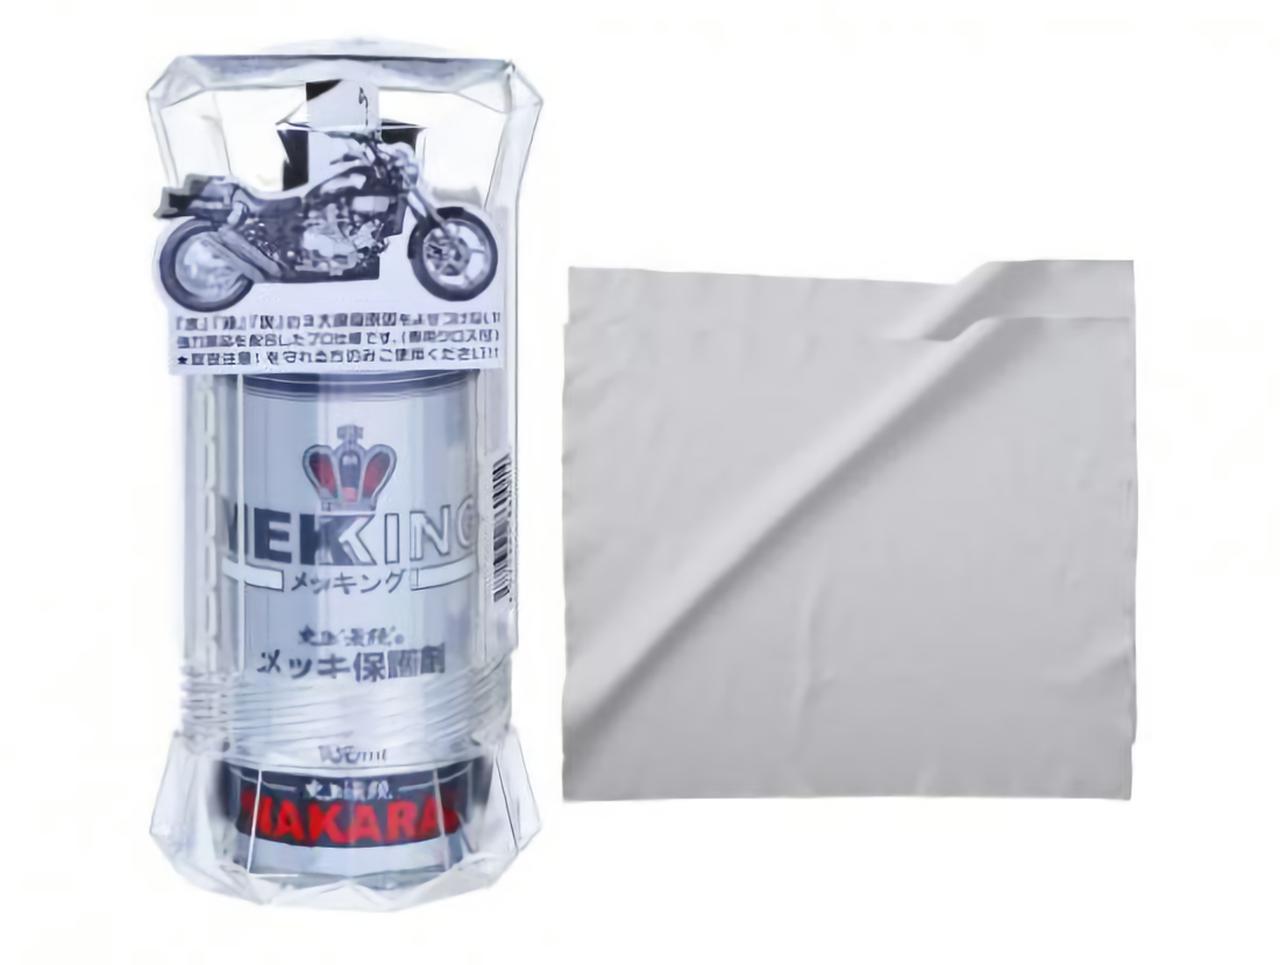 """画像: NAKARAI メッキング 容量:100ml 付属品:史上""""最鏡""""クロス×2 税込価格:5980円"""